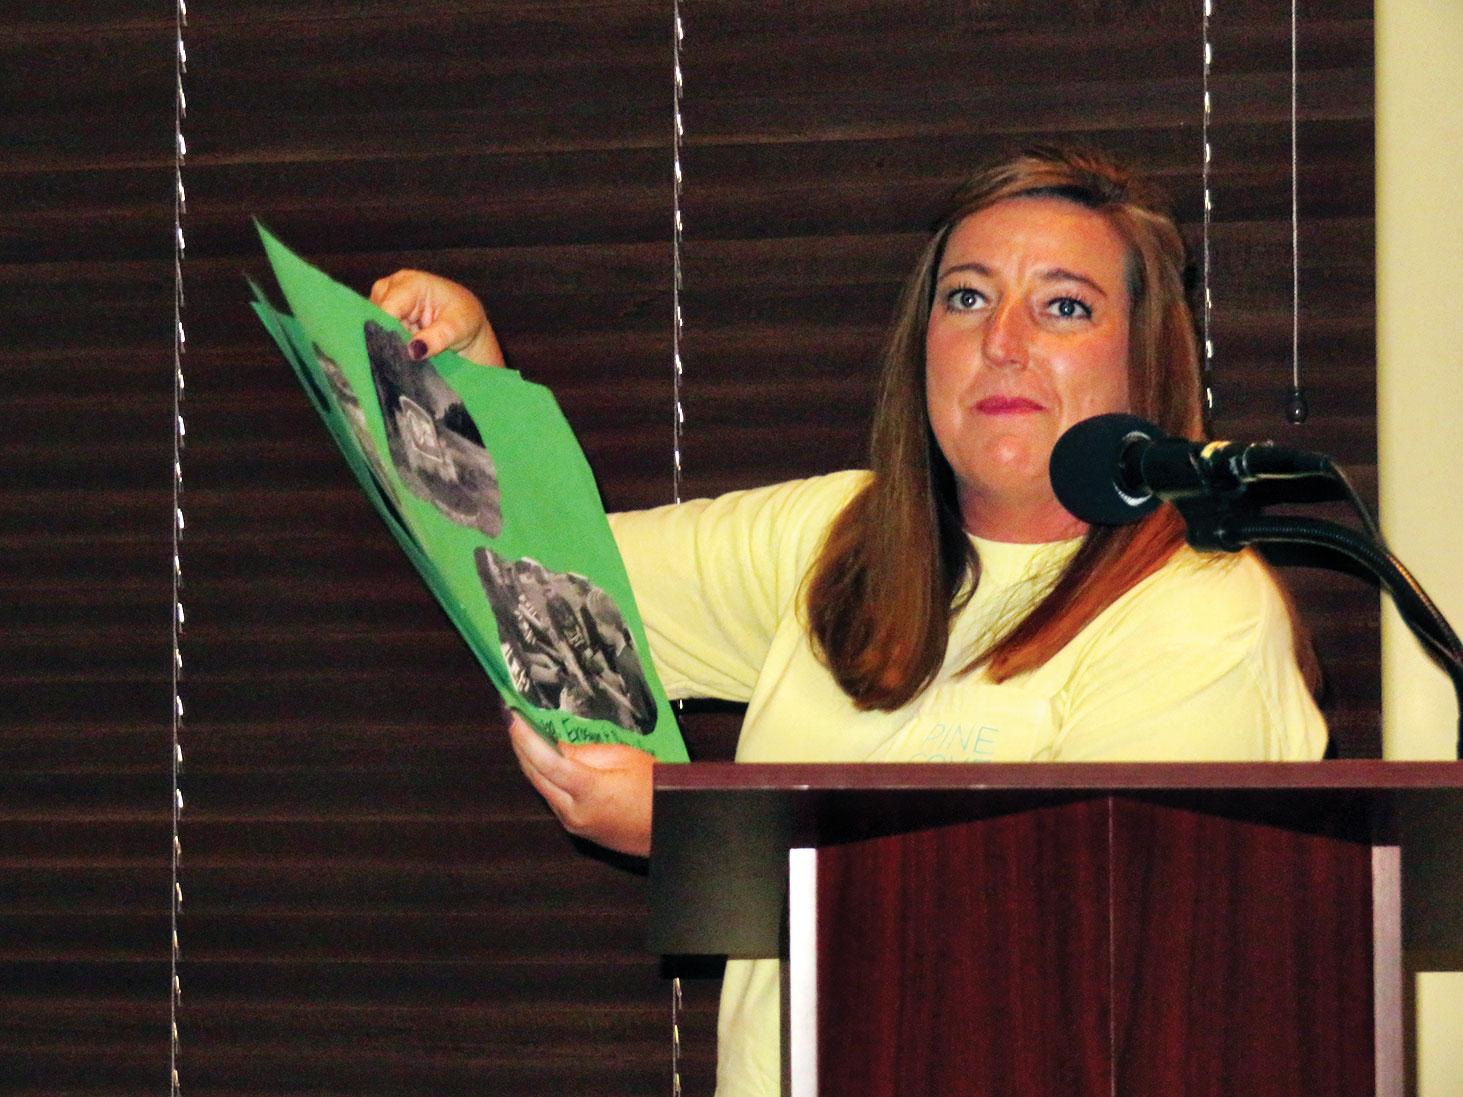 Julie Van Pelt building scientific confidence that lasts a lifetime